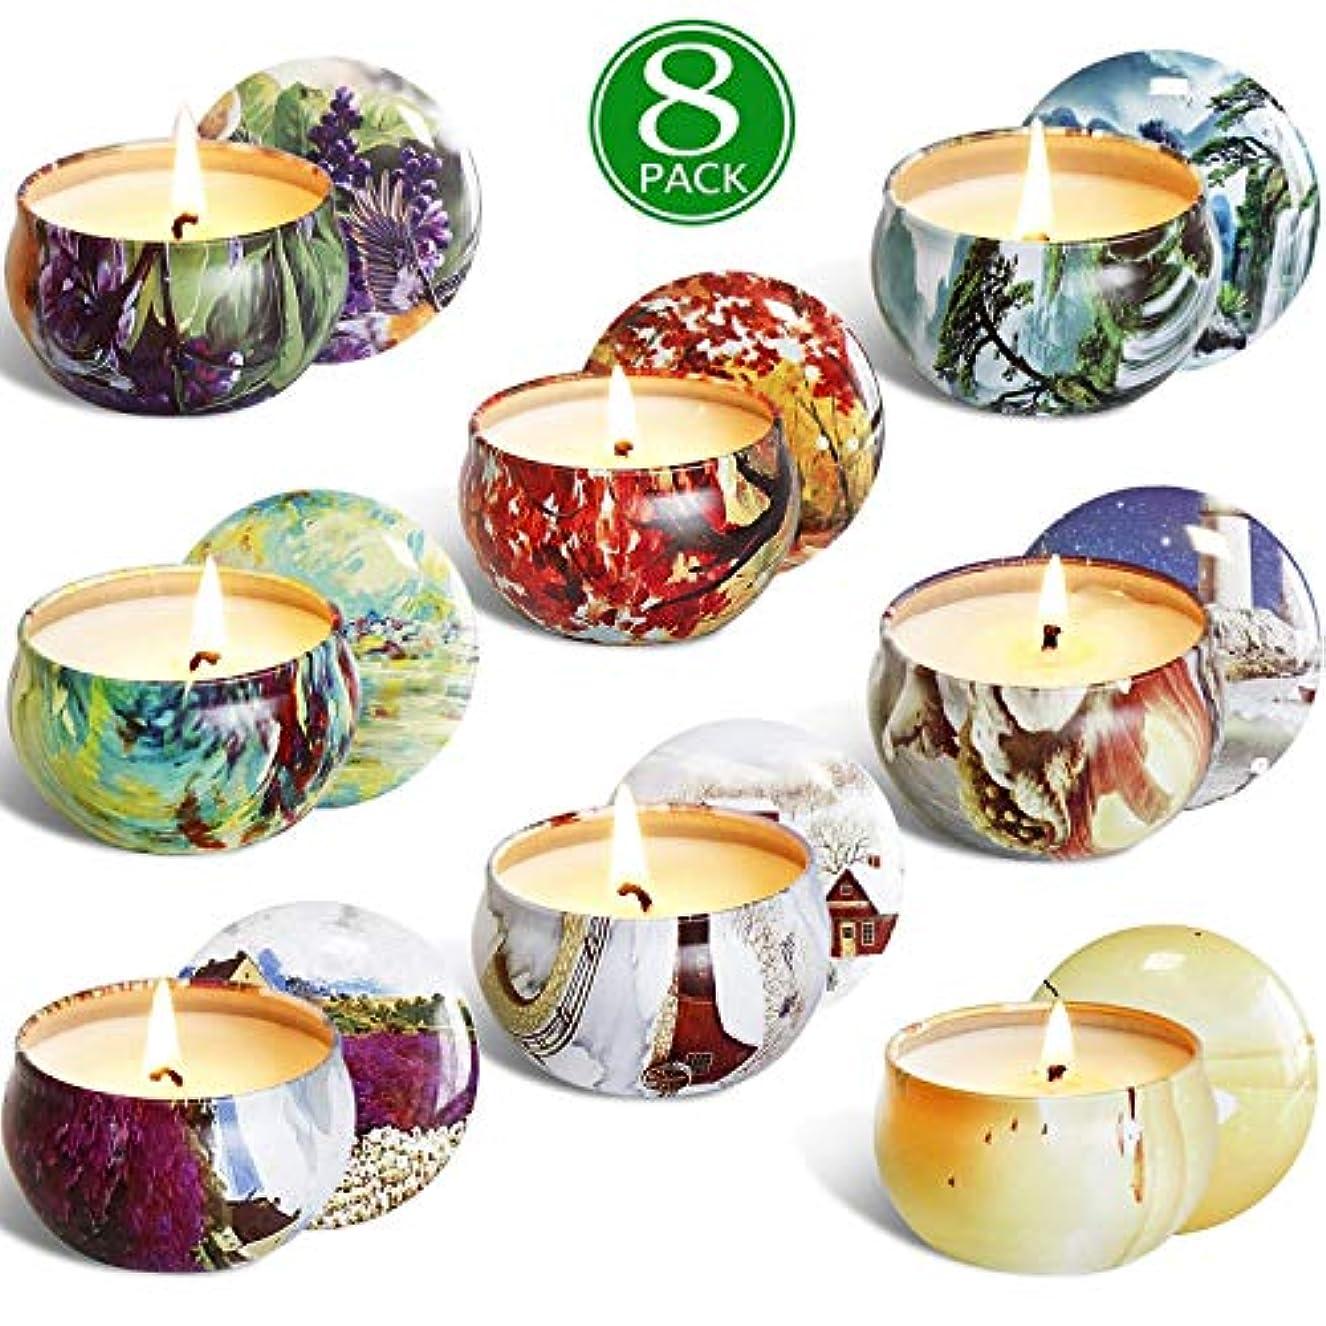 目覚める増幅楽観処置 8本ソイワックス香りのキャンドル香りのキャンドル